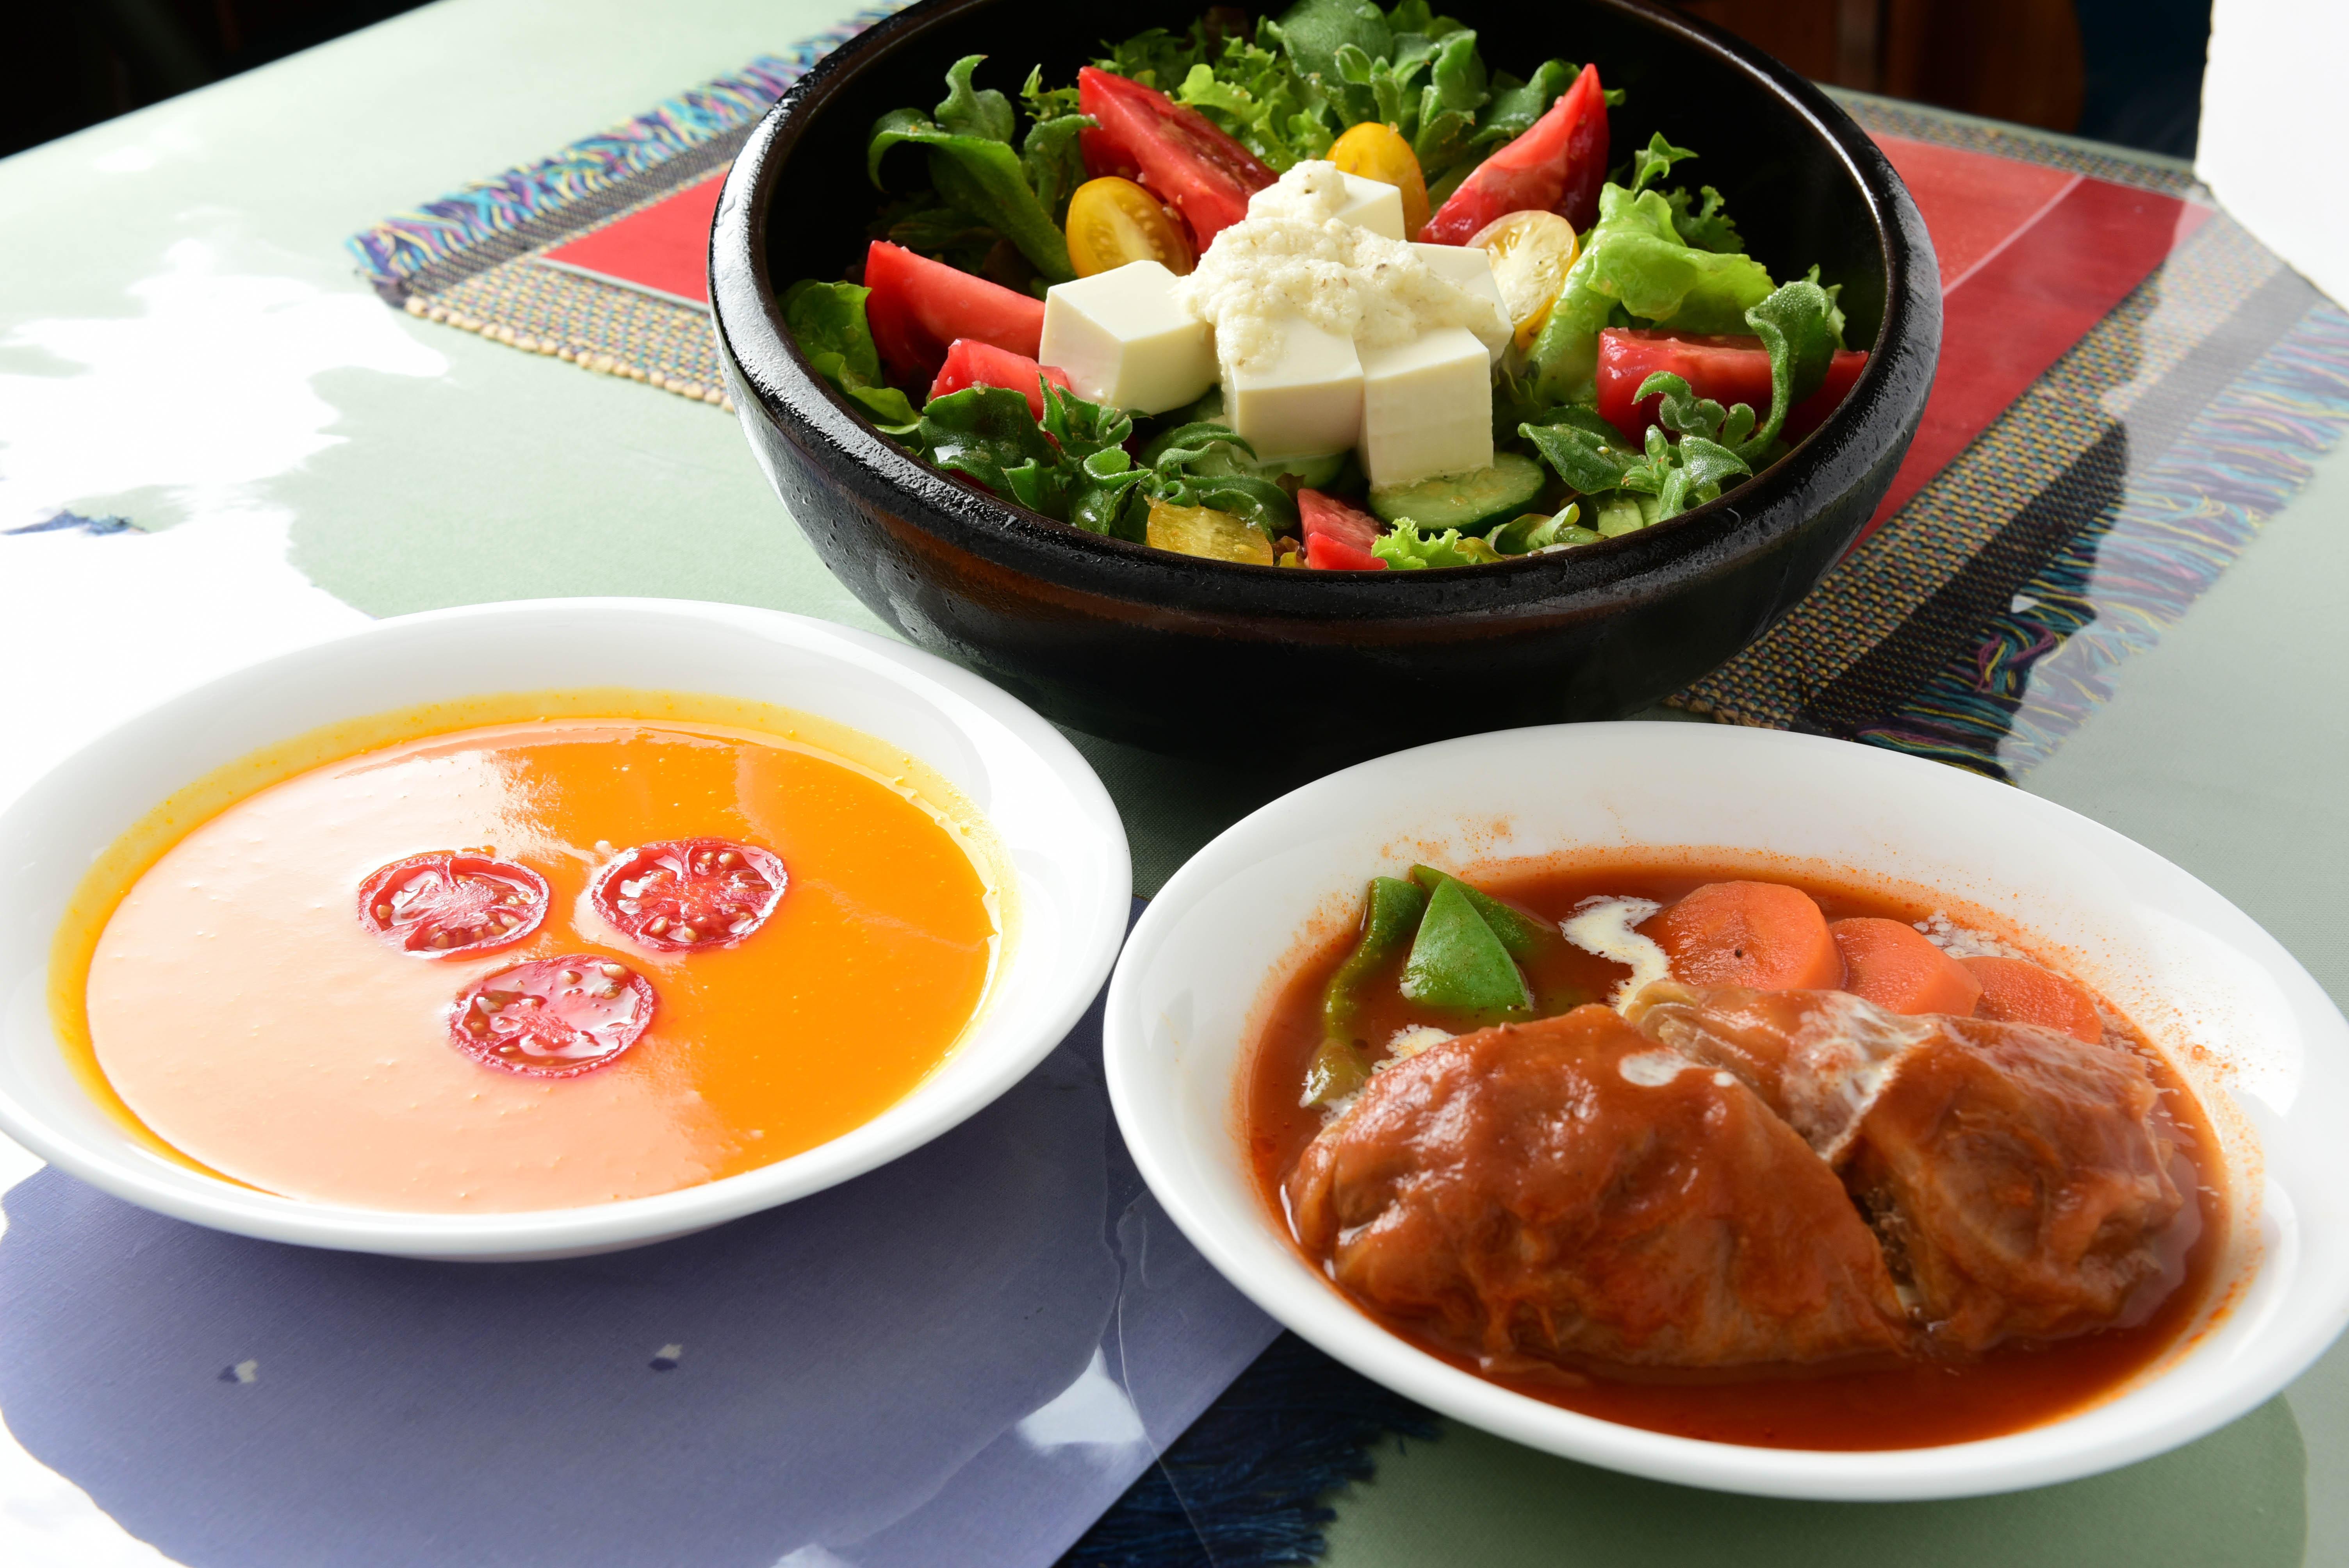 中饭  菜包肉/热三明治/汤/沙拉